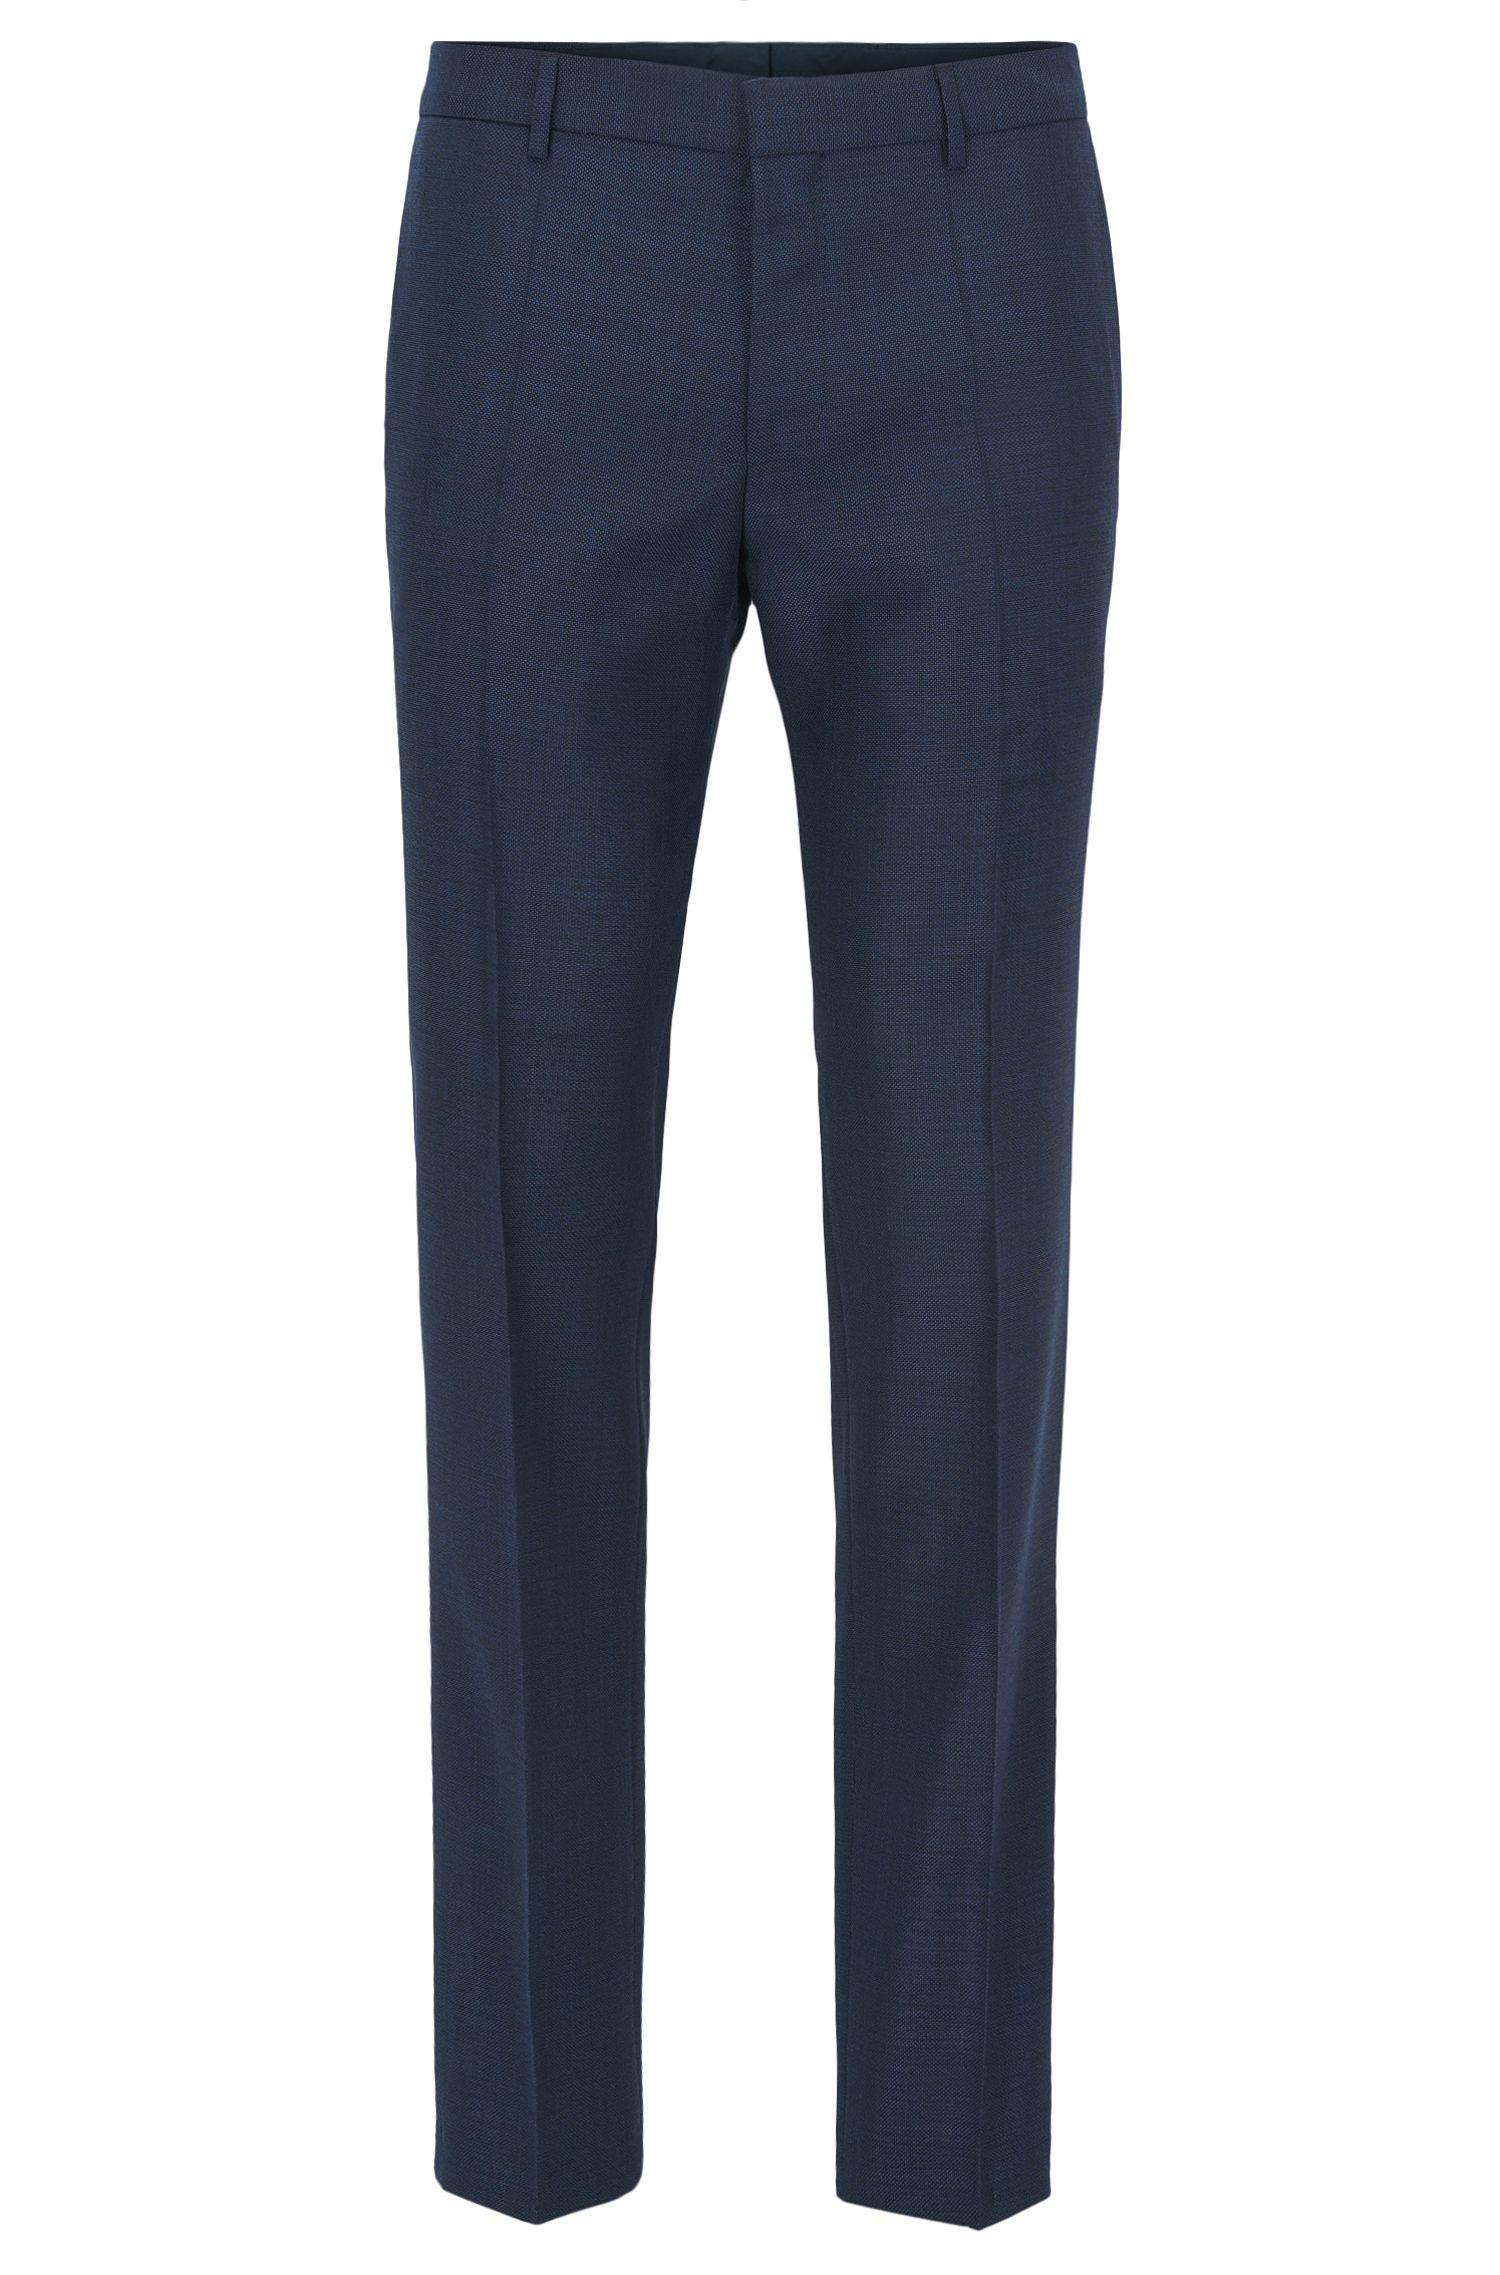 Slim-Fit Hose aus natürlich elastischer Tesse-Schurwolle